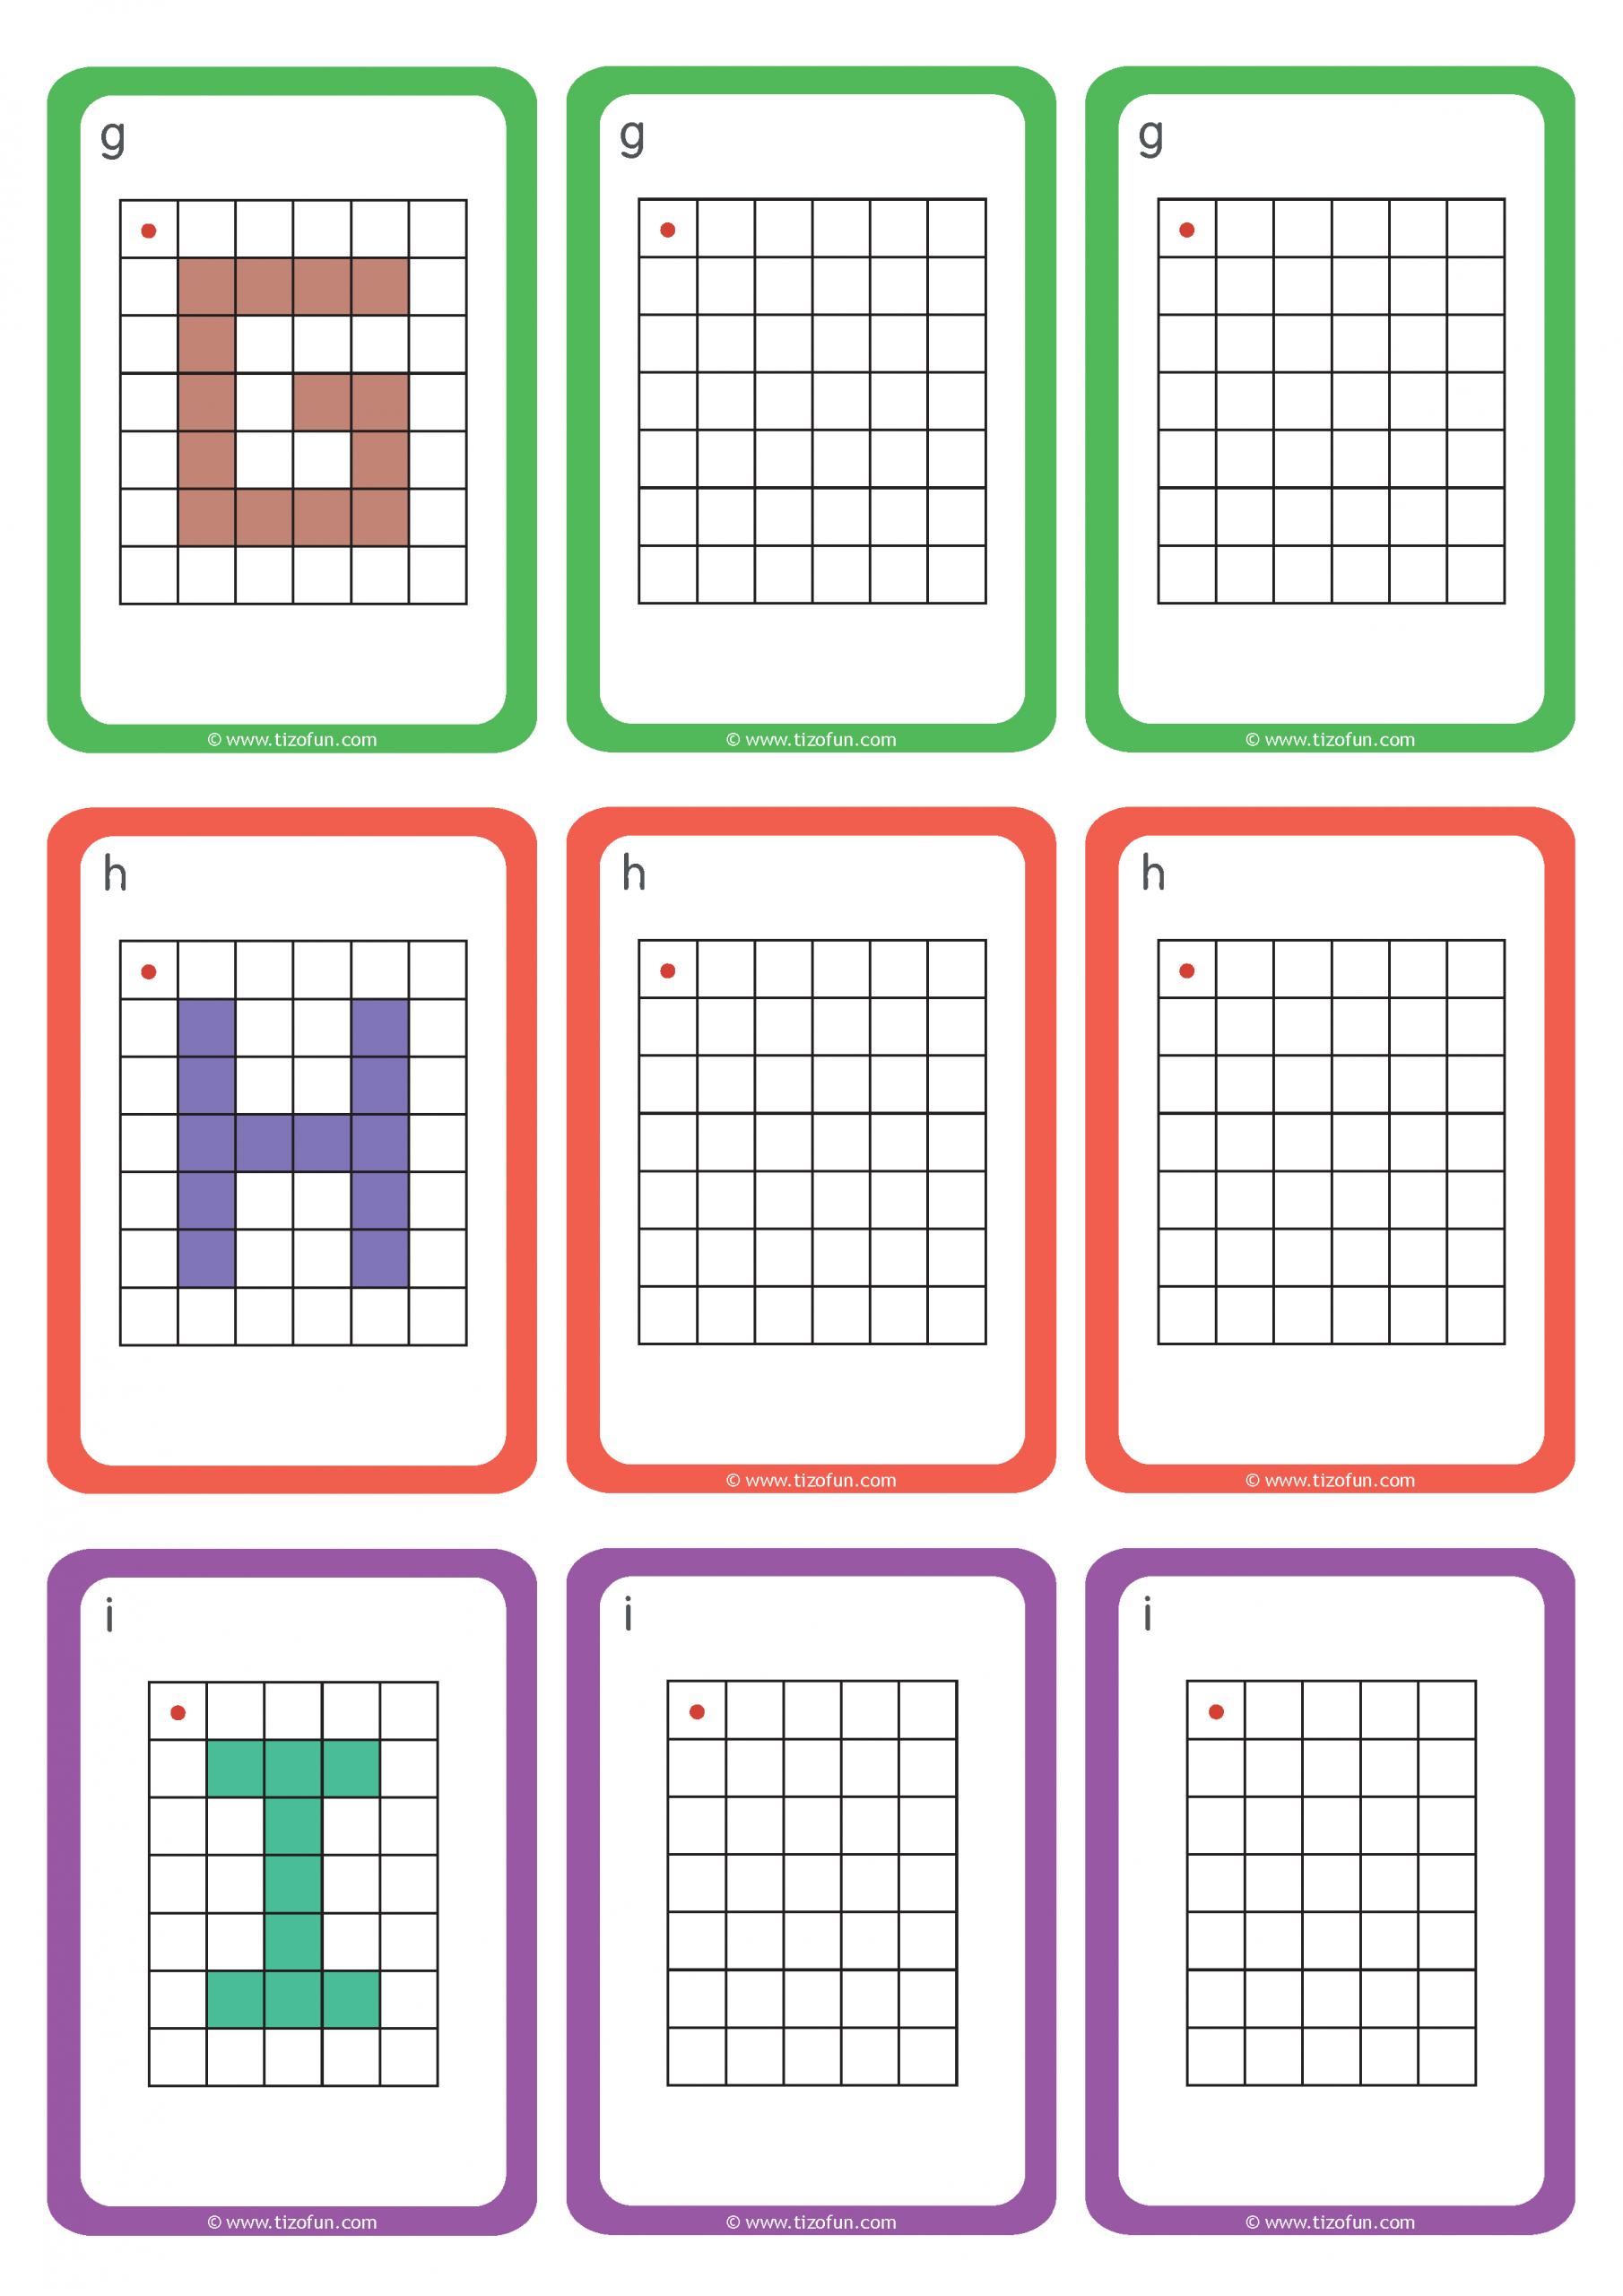 Maths-Deplacement-Dans-Un-Quadrillage-Reproduire-Les-Lettres avec Reproduire Un Dessin Sur Quadrillage